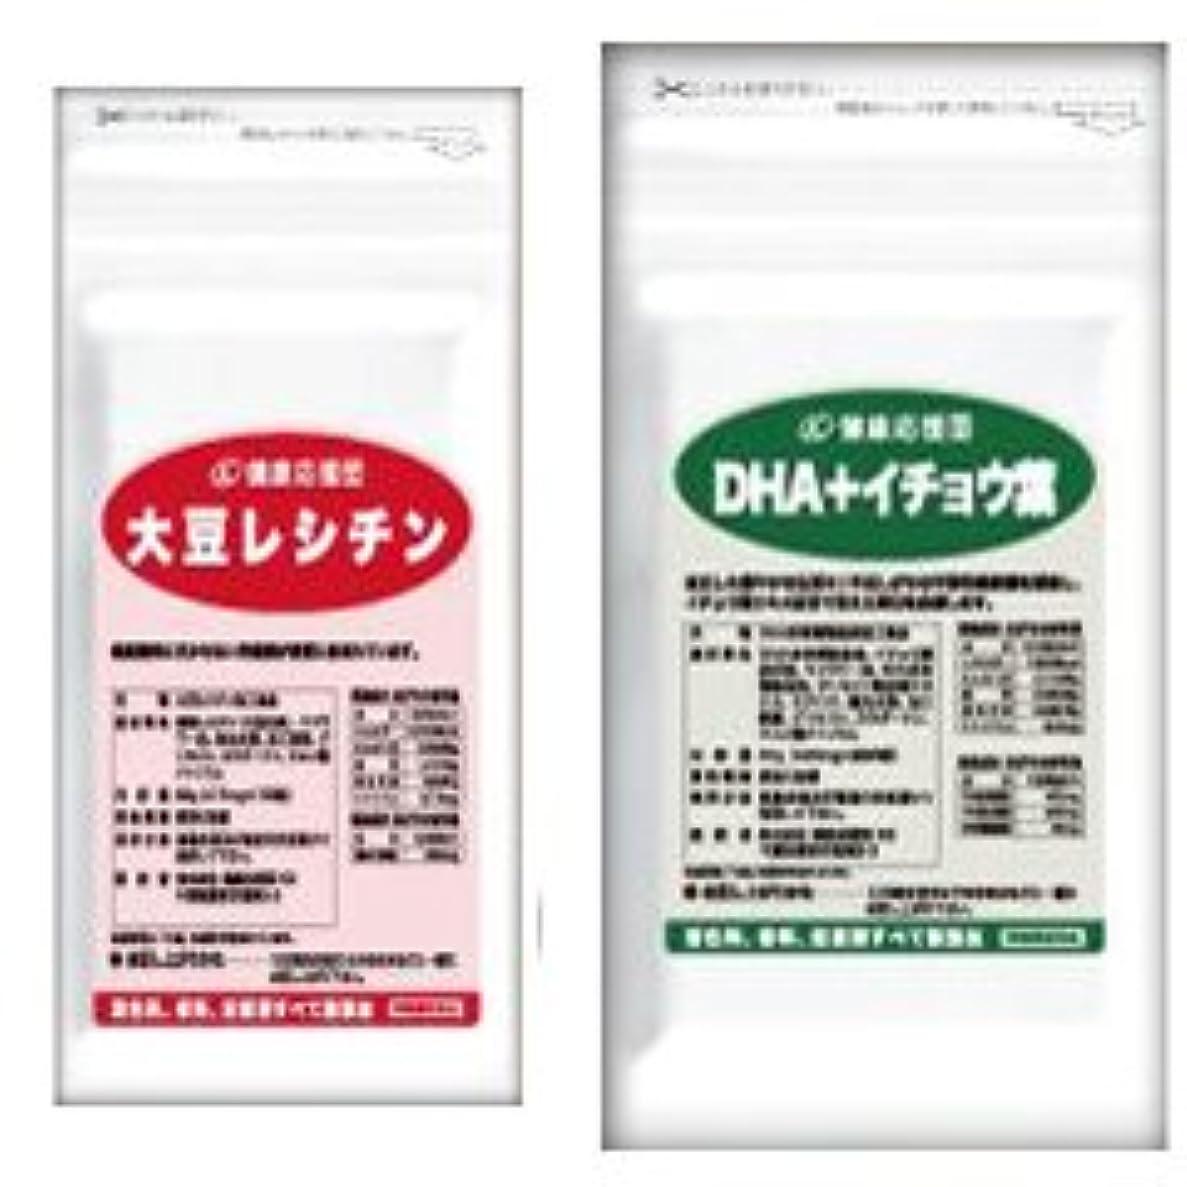 デクリメント十分にに沿って流れサラサラセット 大豆レシチン+(DHA?EPA+イチョウ葉) お徳用12か月分